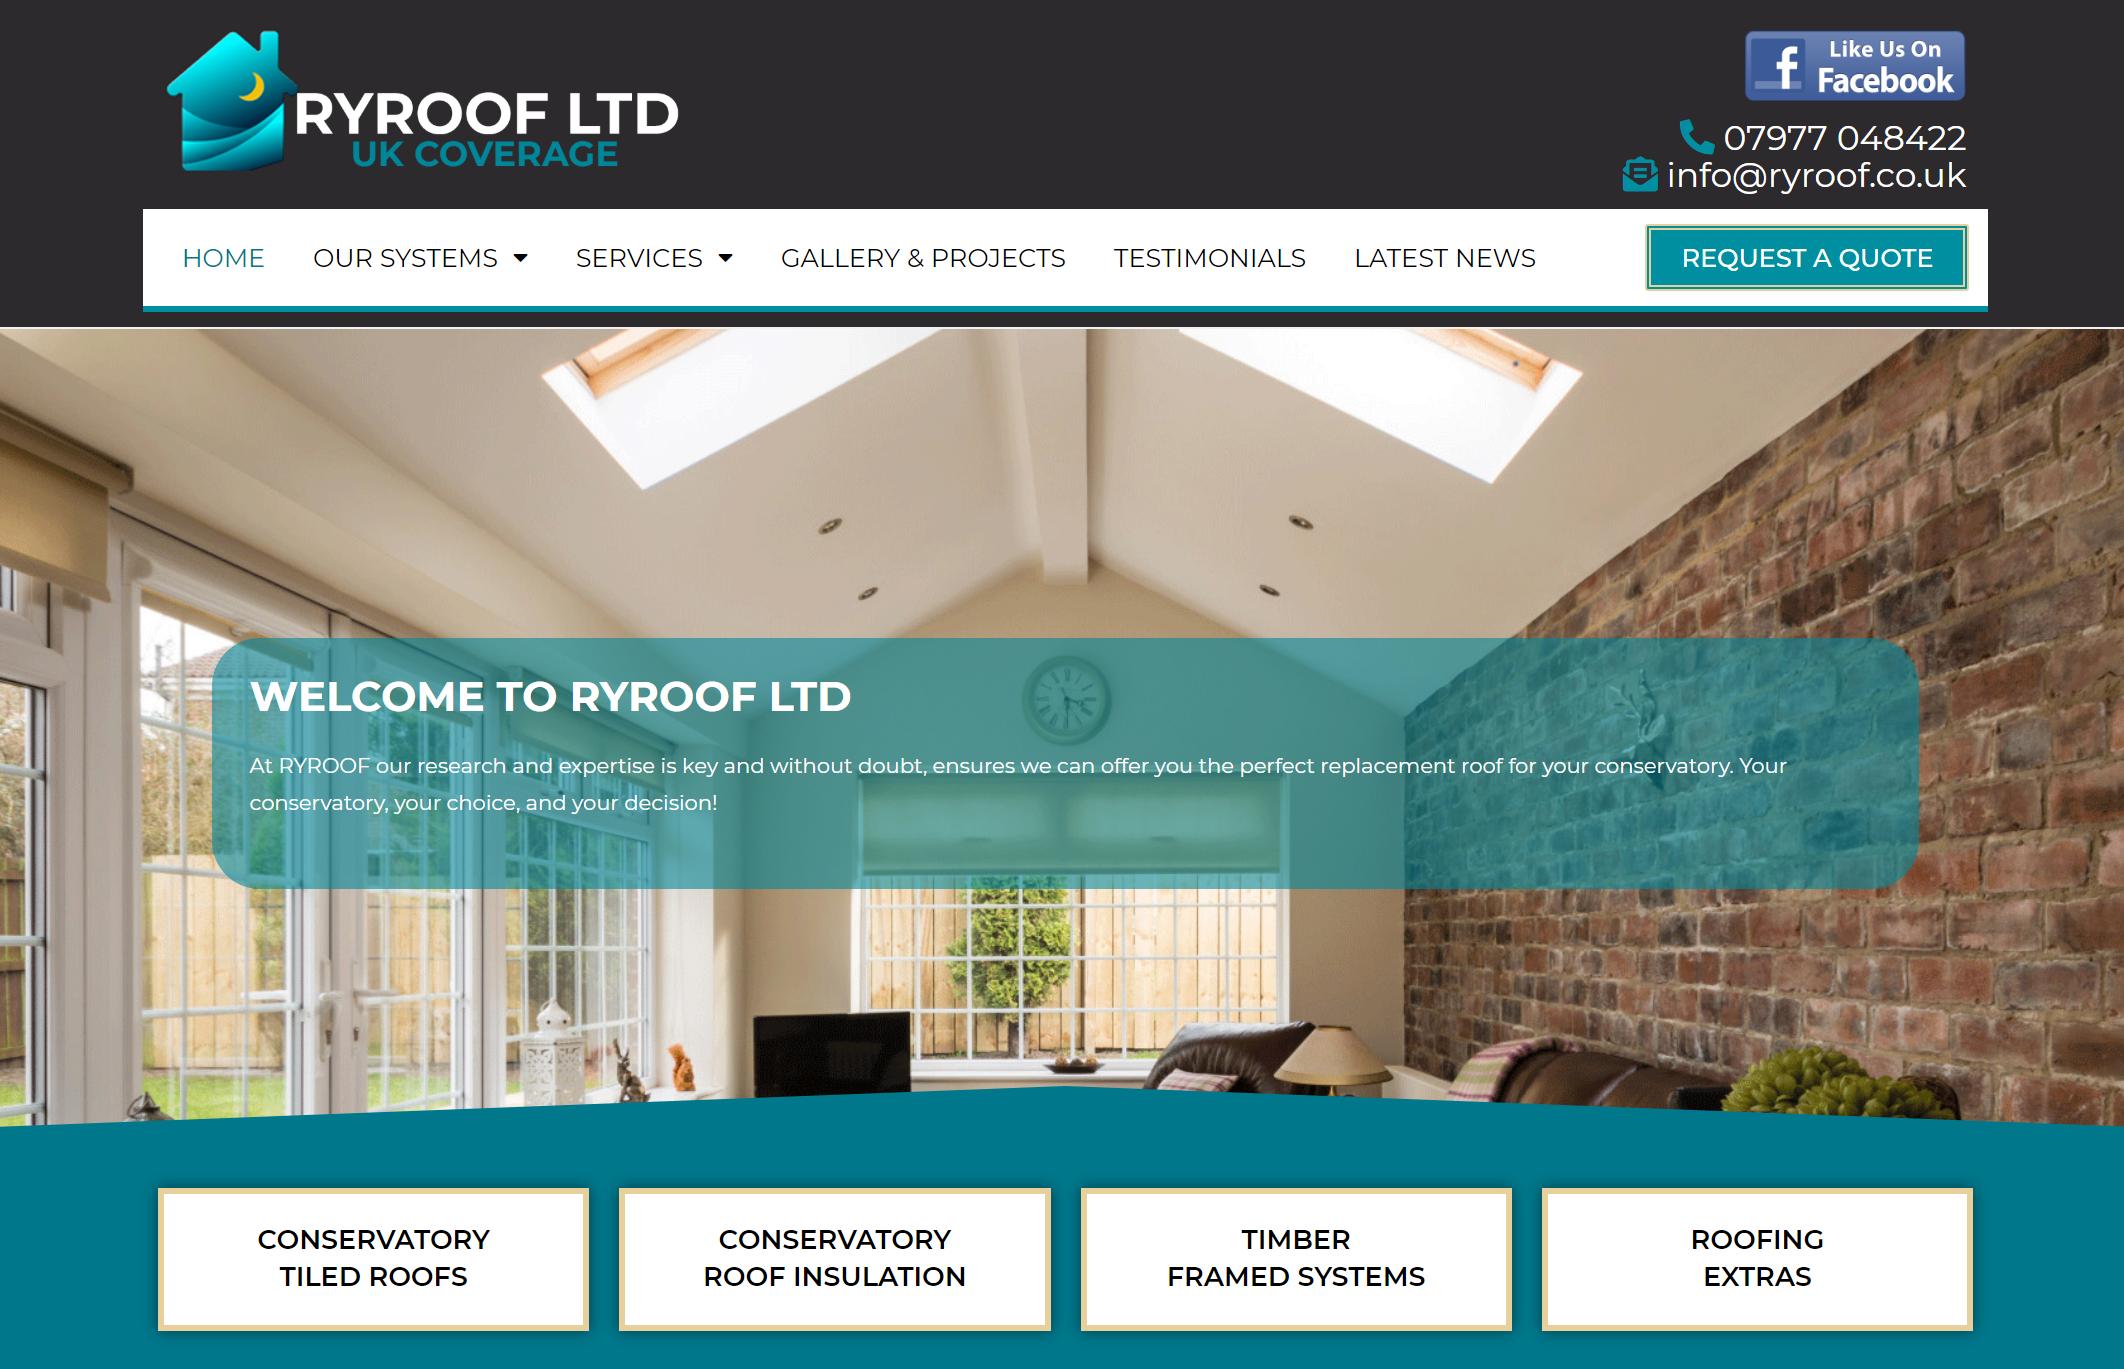 RYROOF Ltd